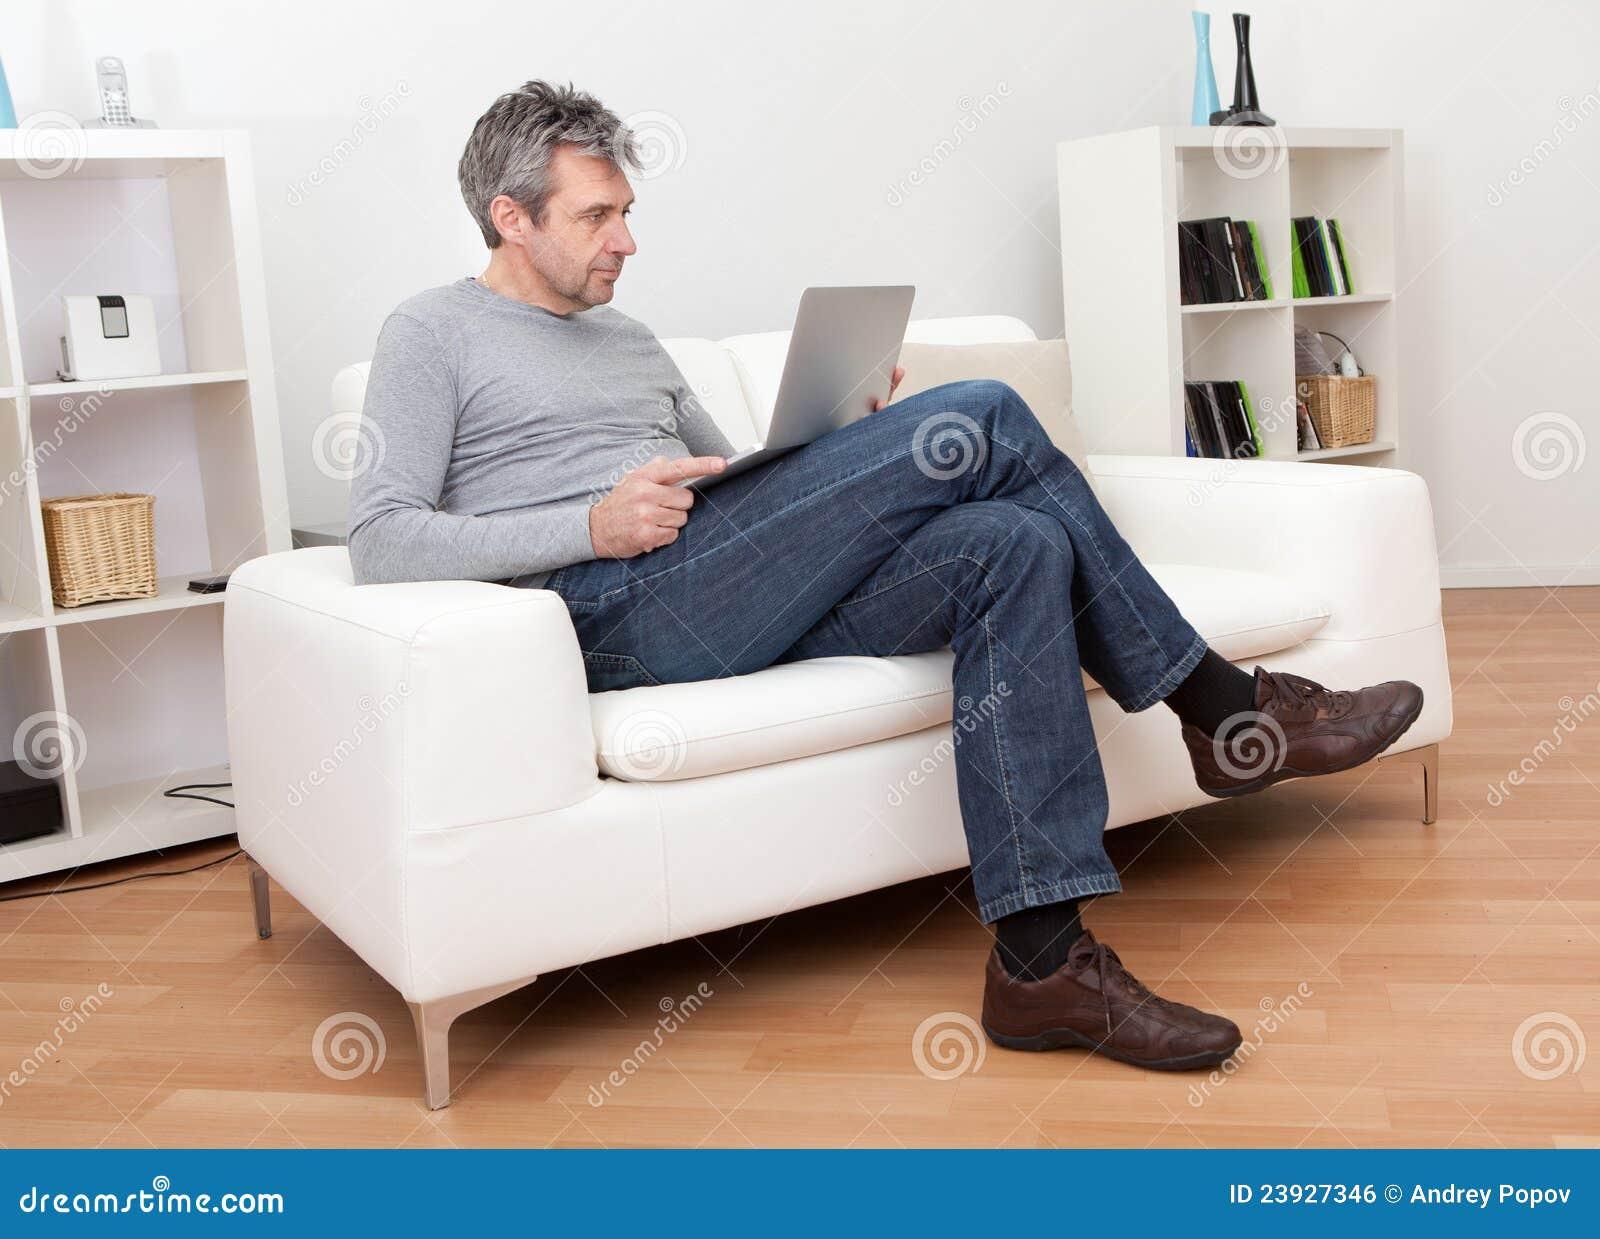 Senior Man Sitting In Sofa And Using Laptop Royalty Free ...